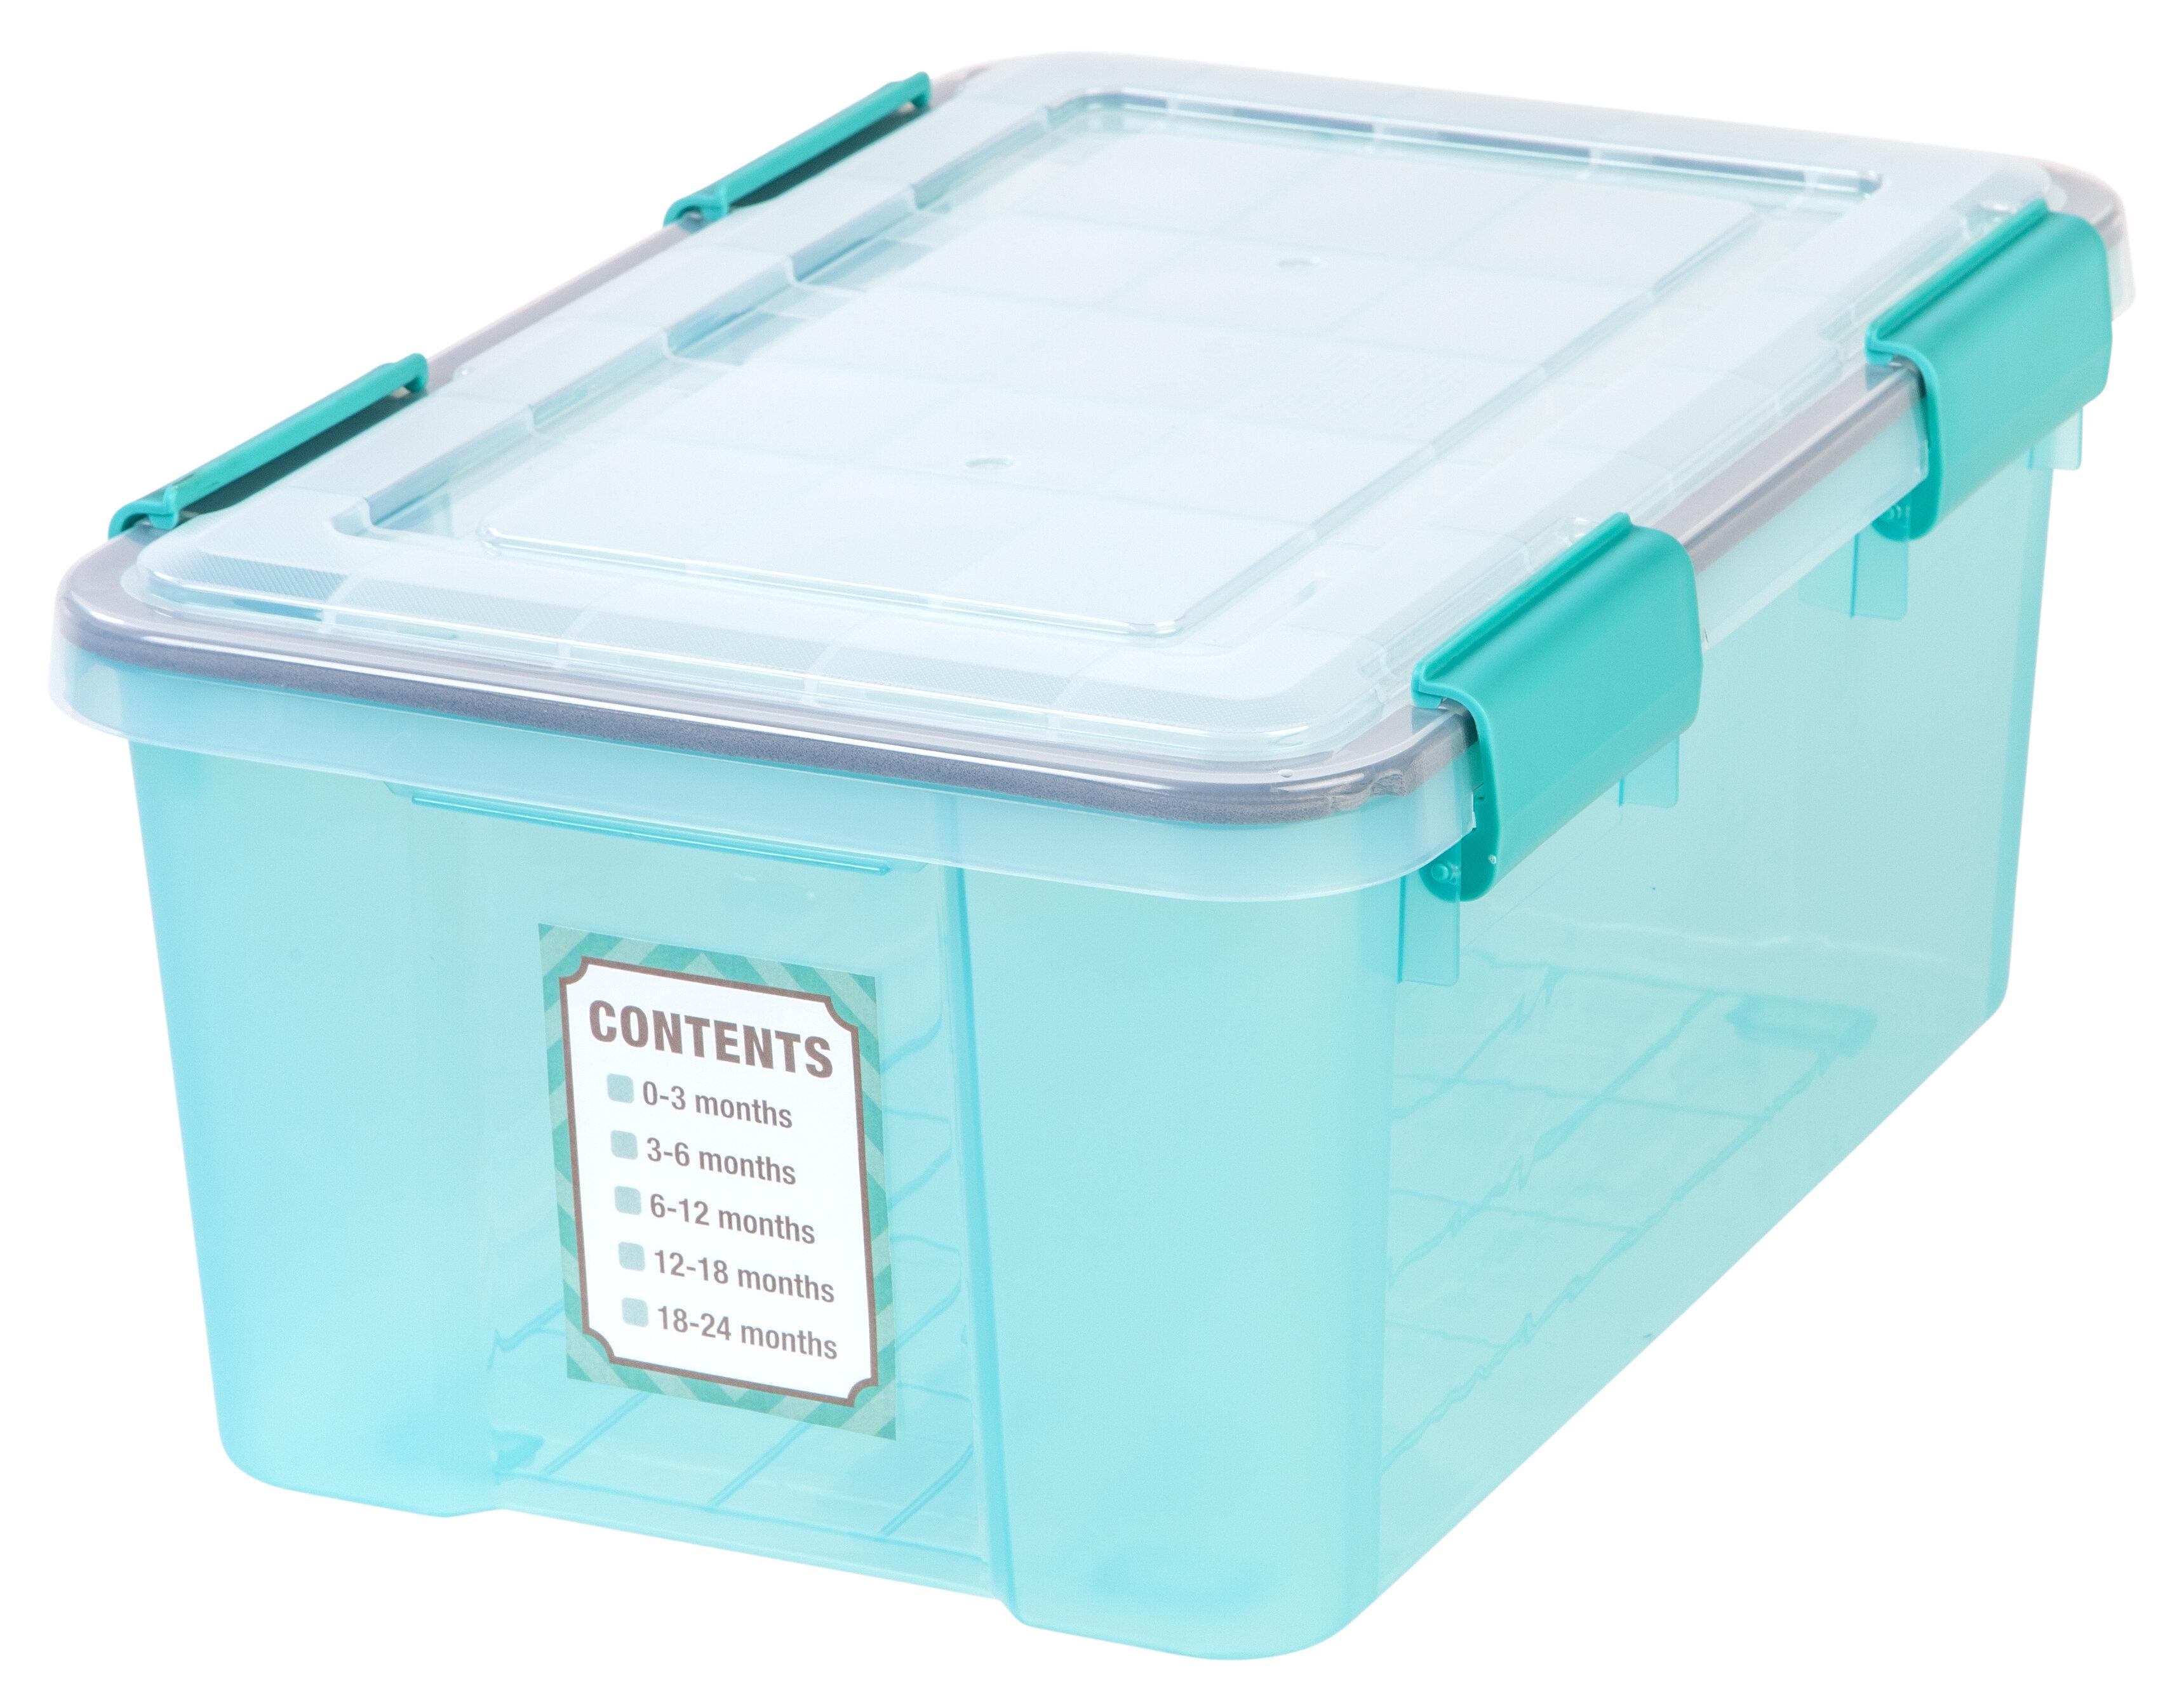 IRIS Weathertight Storage Box U0026 Reviews | Wayfair